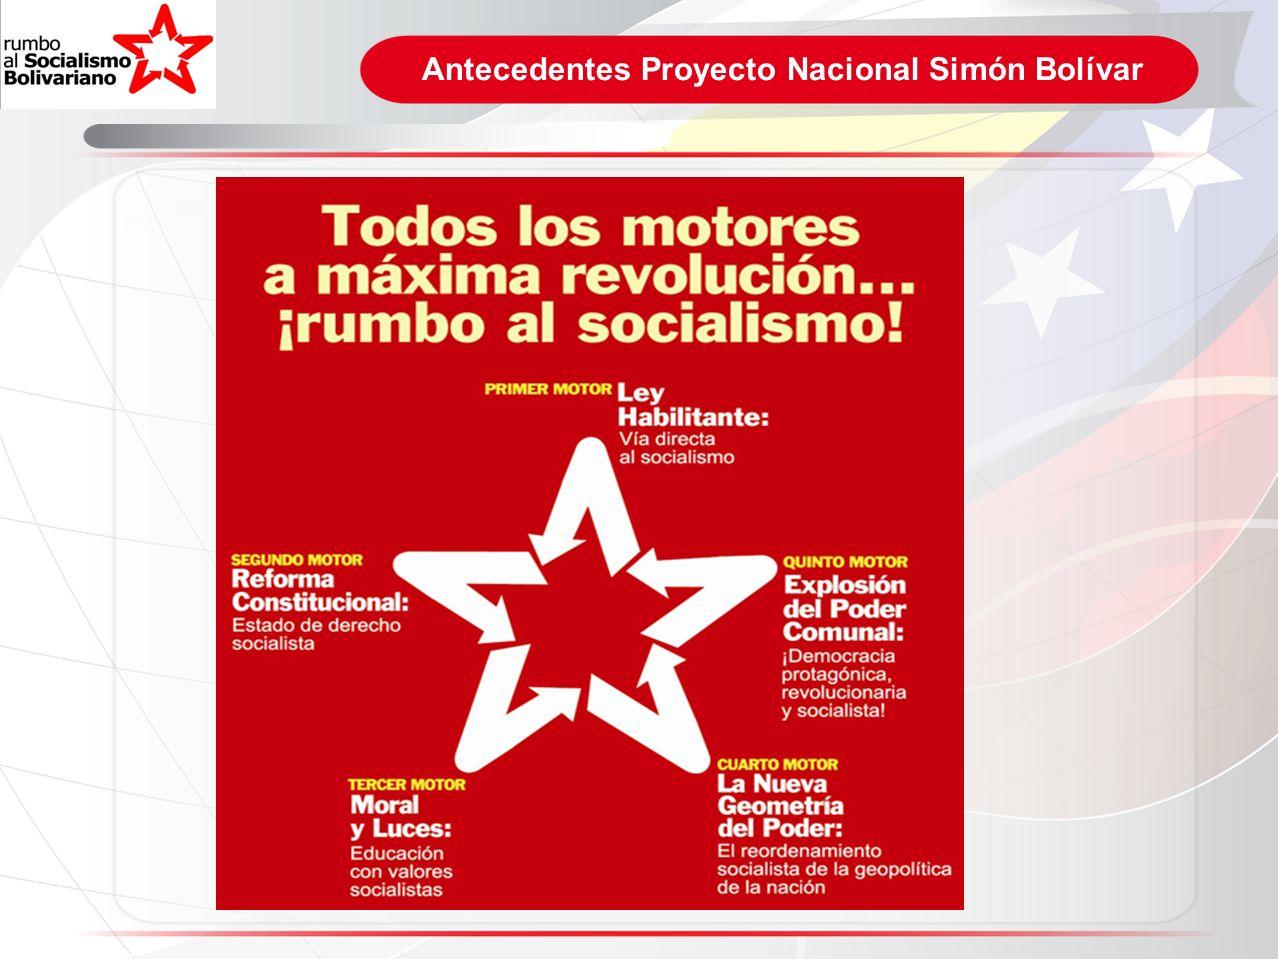 Proyecto Nacional Simón Bolívar Suprema Felicidad Social Objetivos planteados: Reducir la miseria a cero y acelerar la disminución de la pobreza.